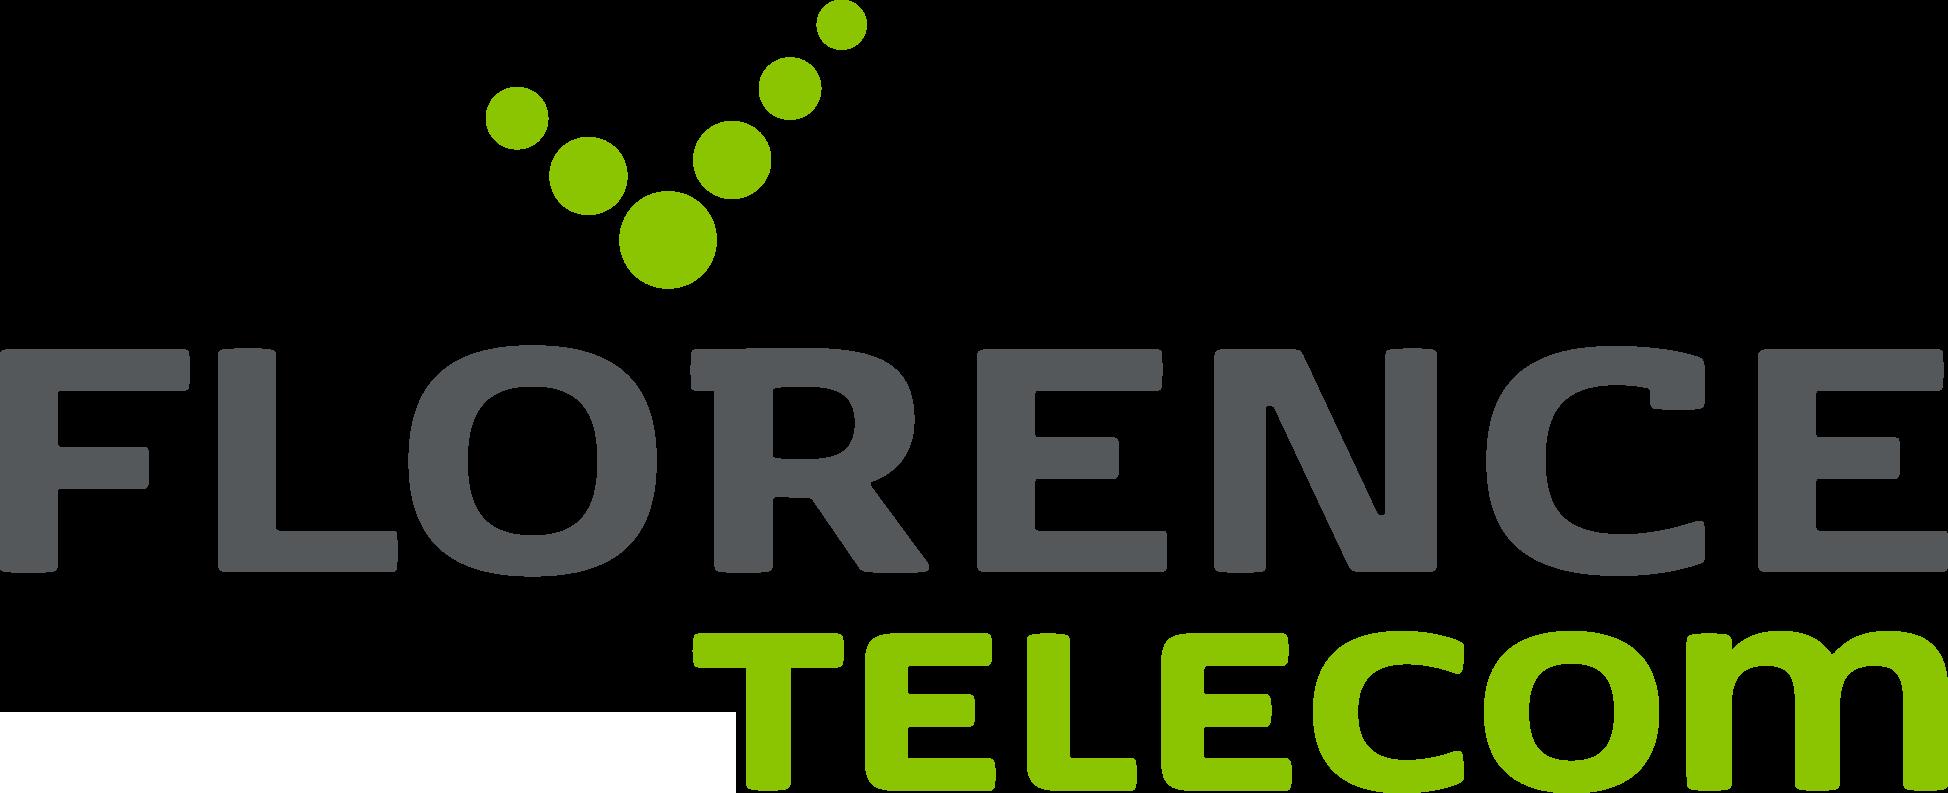 florencetelecom-logo